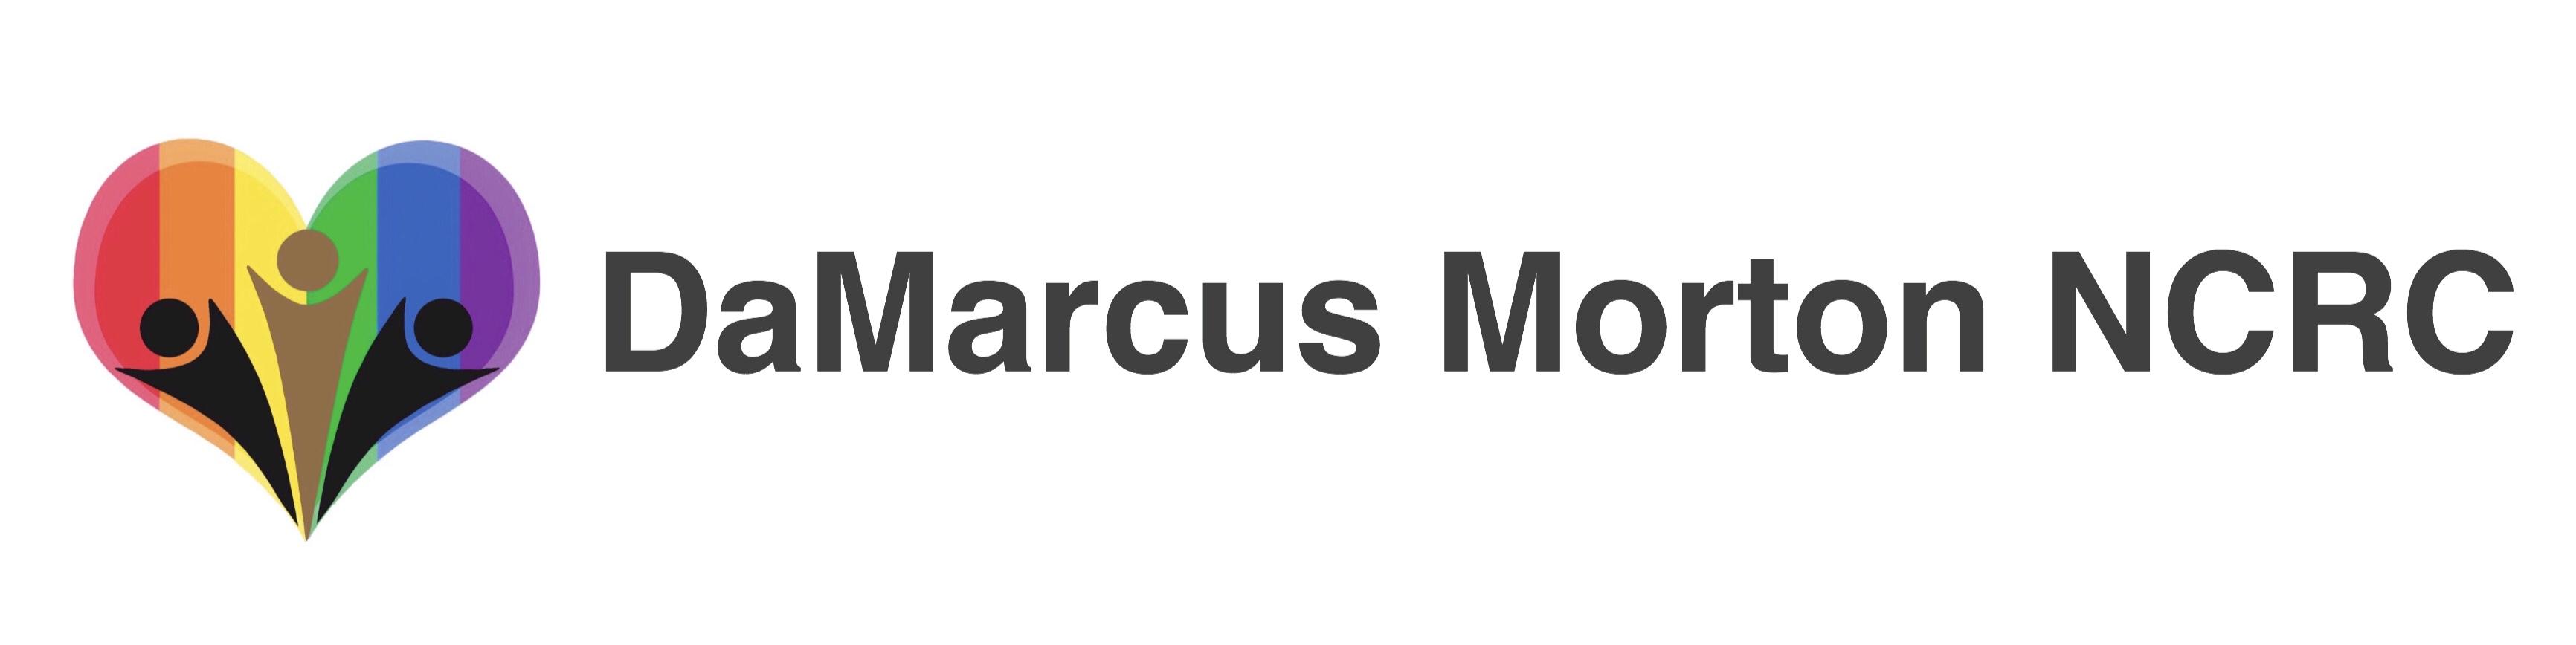 DaMarcus Morton